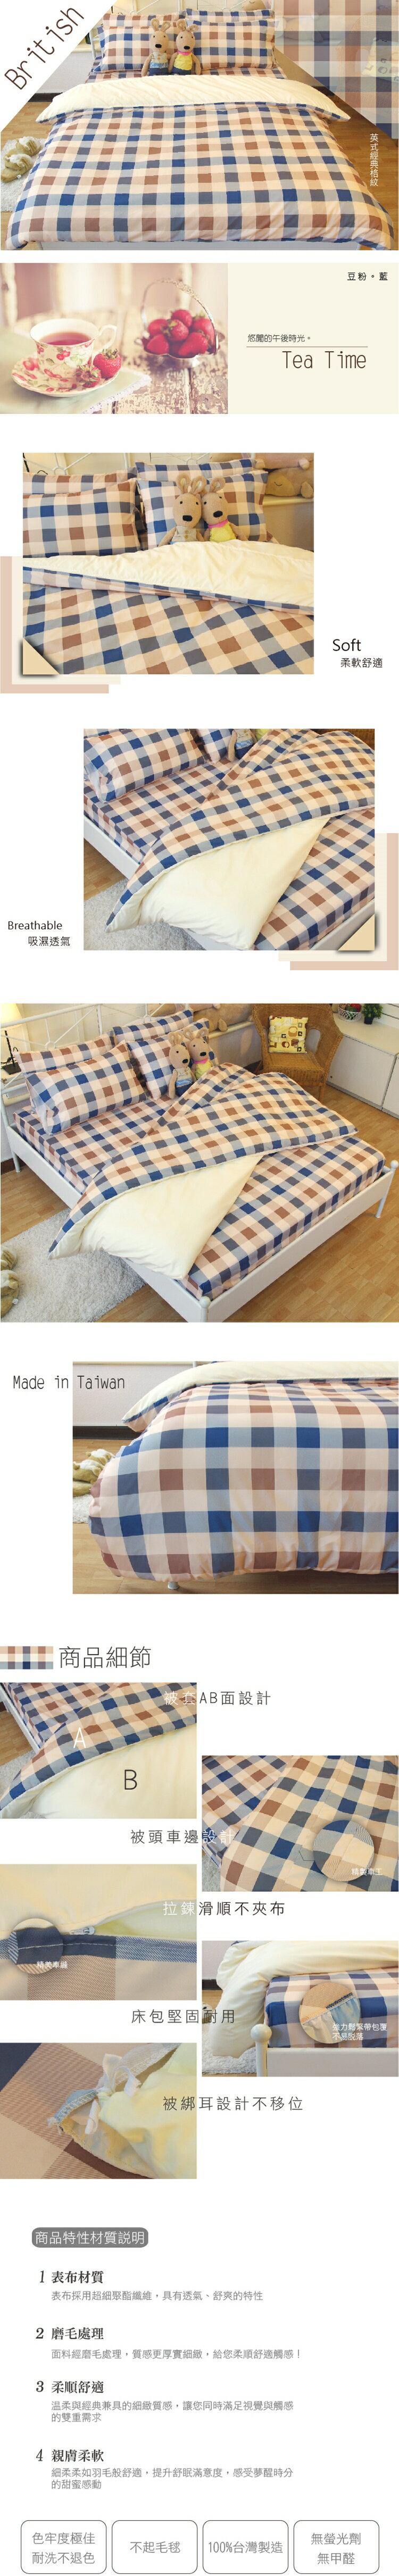 單人床包被套三件組 英式格紋 #咖啡藍 #豆粉藍【精典格紋、觸感升級、SGS檢驗通過】 # 寢國寢城 6